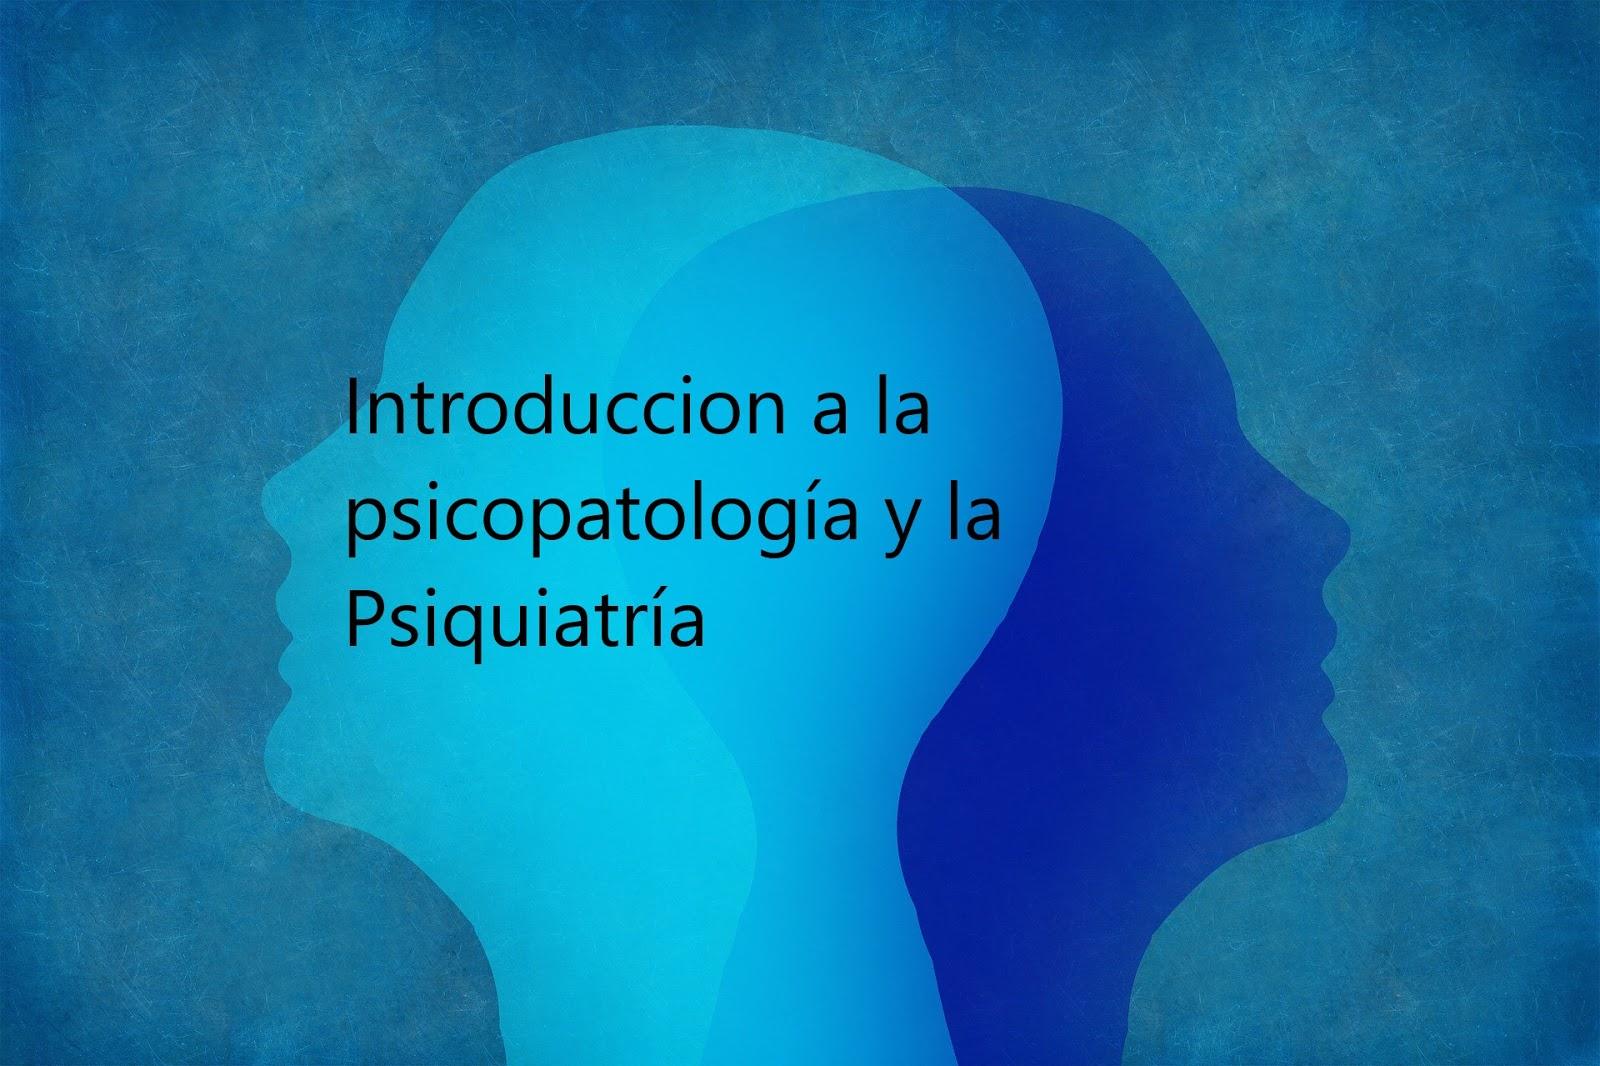 Introducción a la psicopatología y la psiquiatría. Descargar gratis.